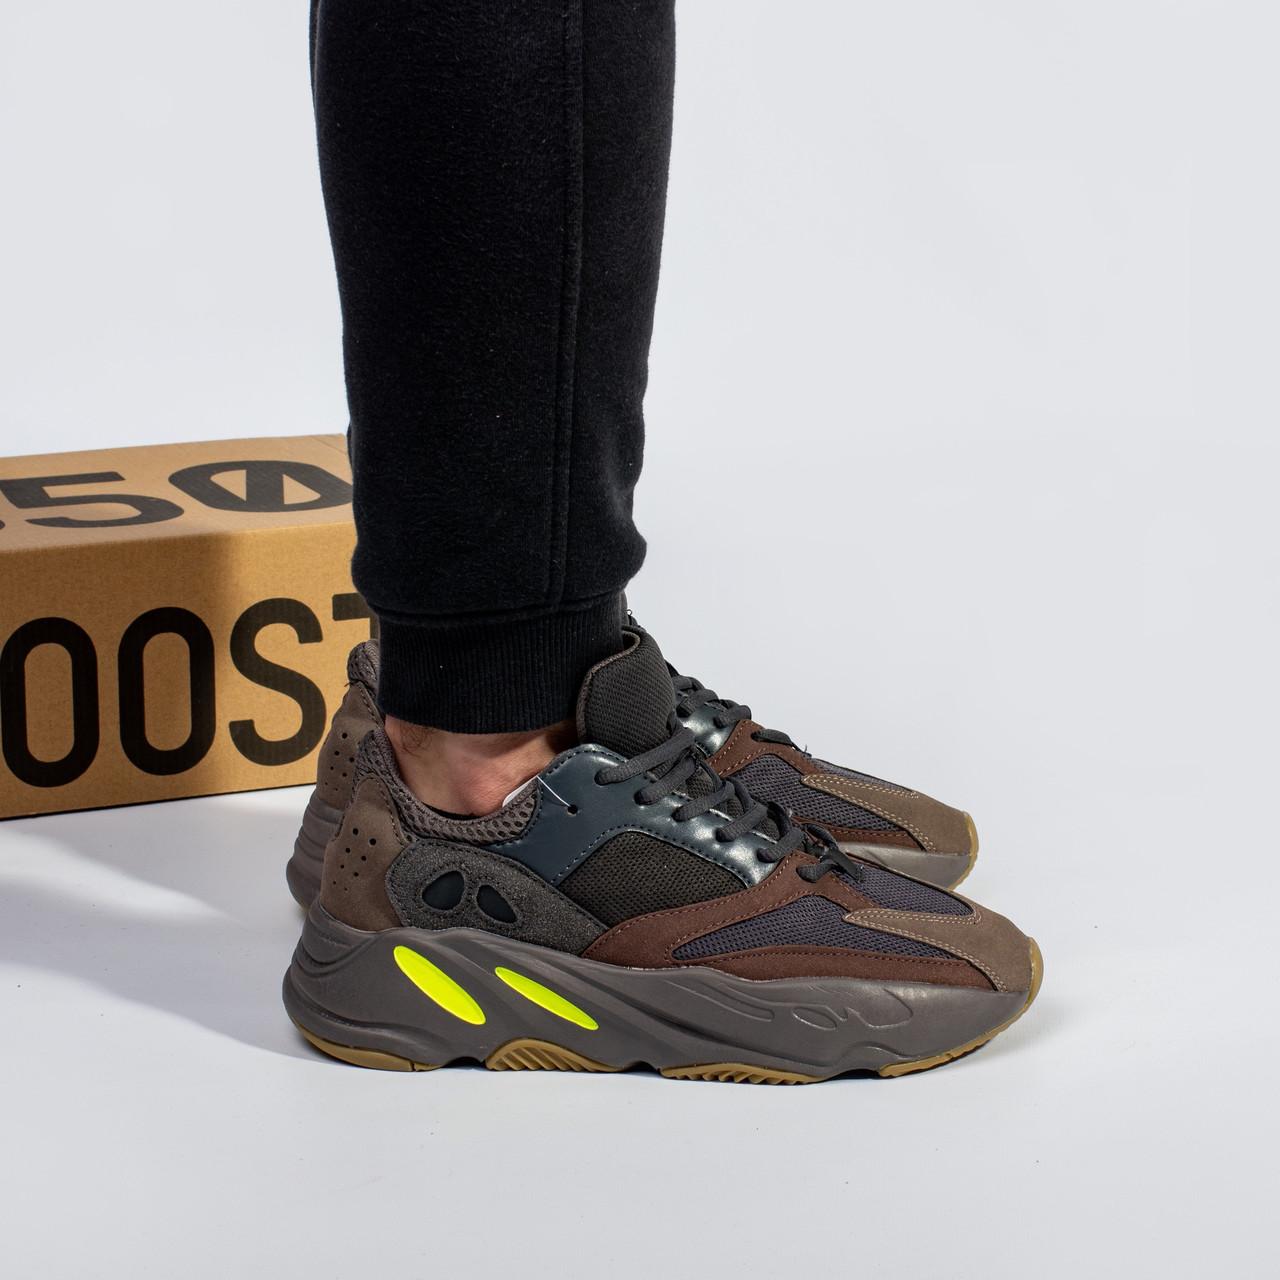 """Мужские/женские кроссовки в стиле Adidas Yeezy Boost 700 """"Mauve"""" (40, 41, 42, 43, 44, 45 размеры)"""